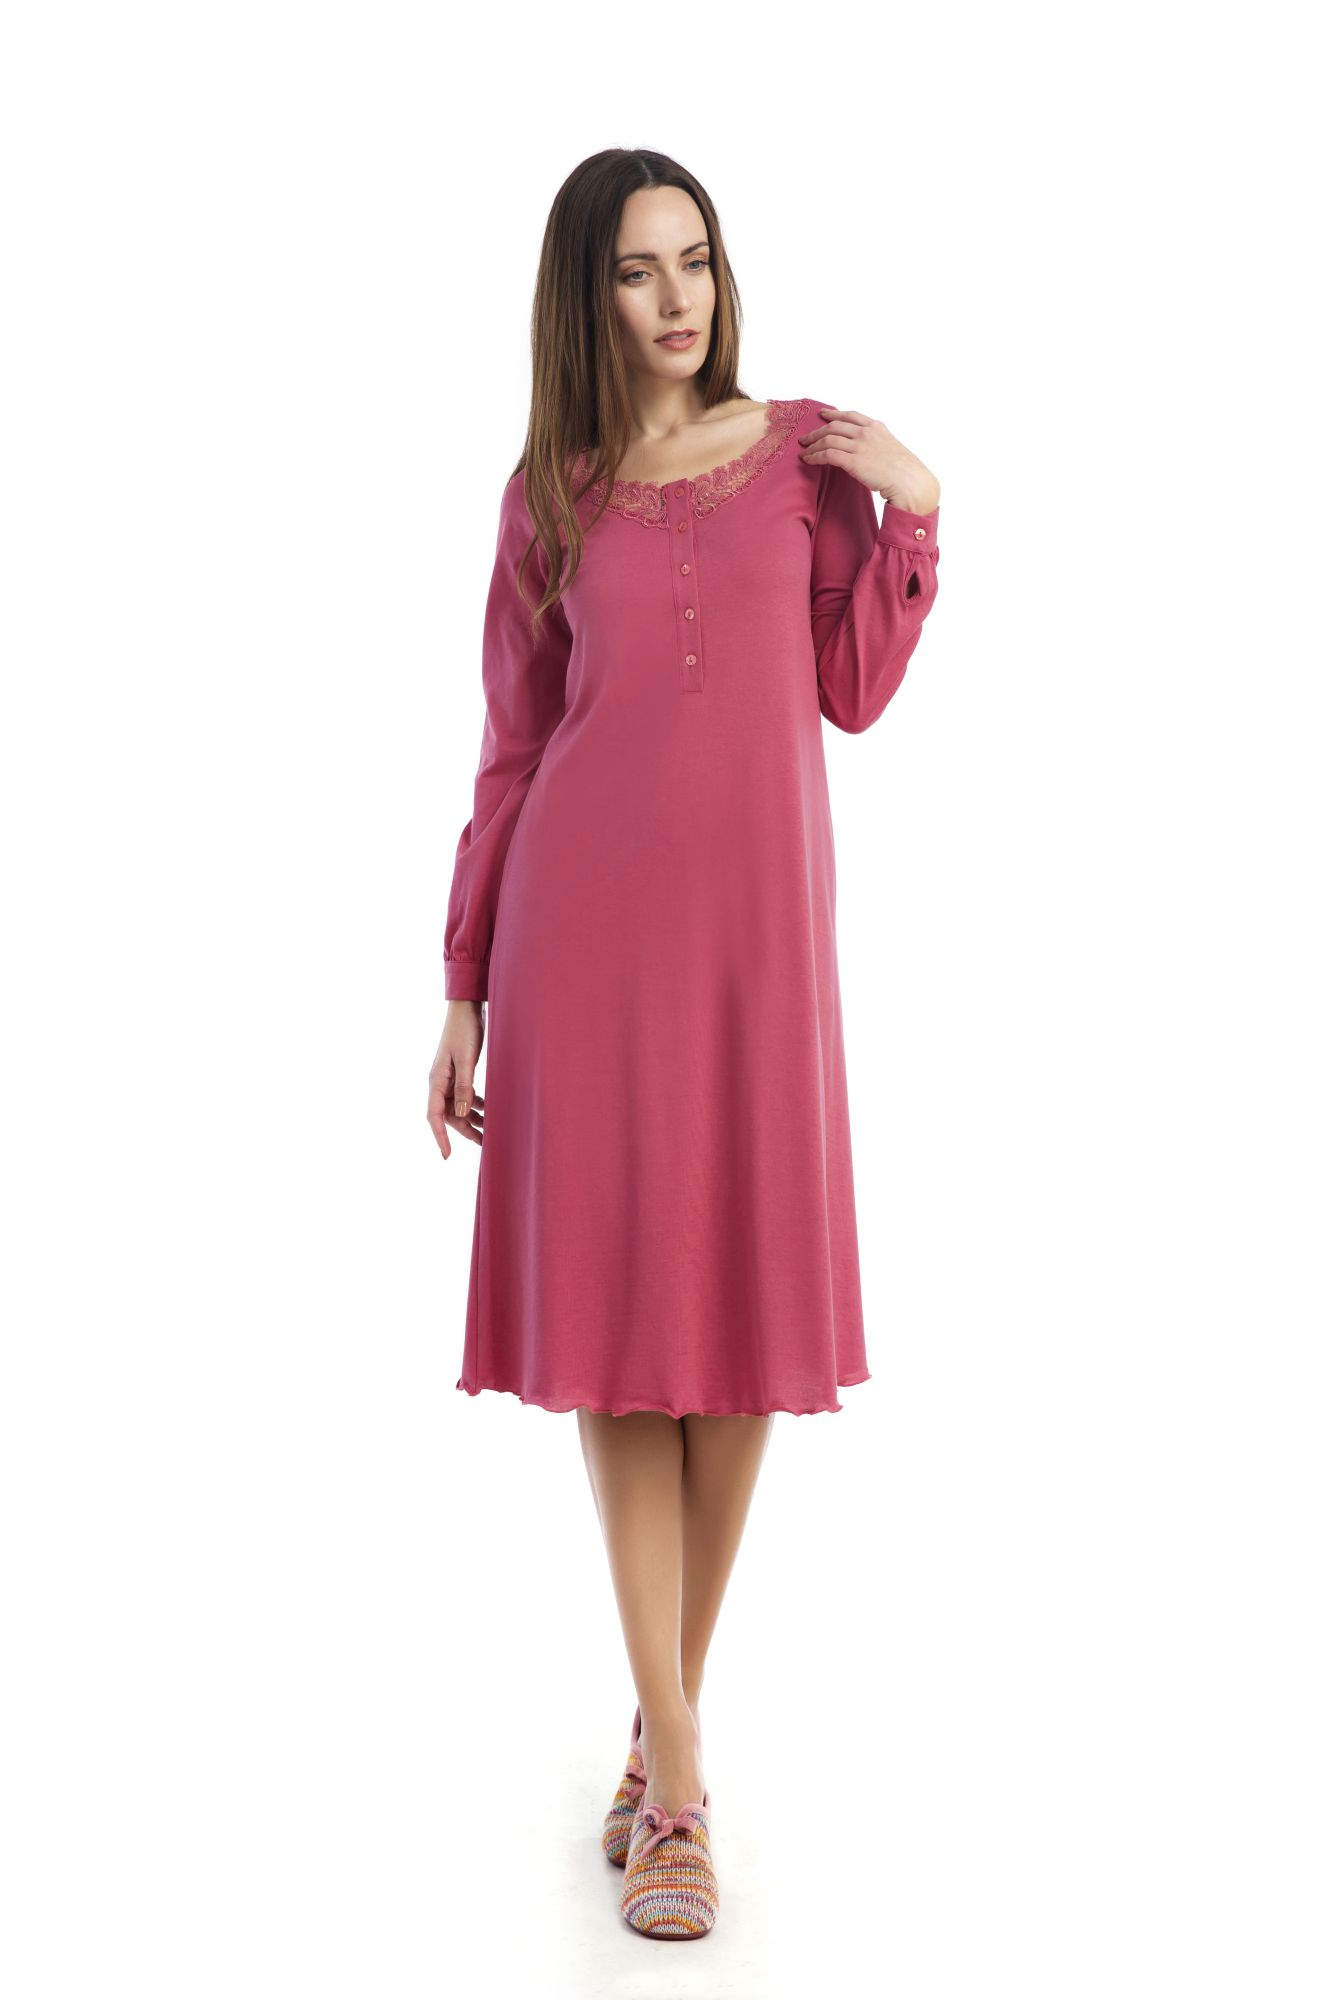 Dámská noční košile Bianca 00-10-2610 - Vamp Barva: červená, Velikost: L